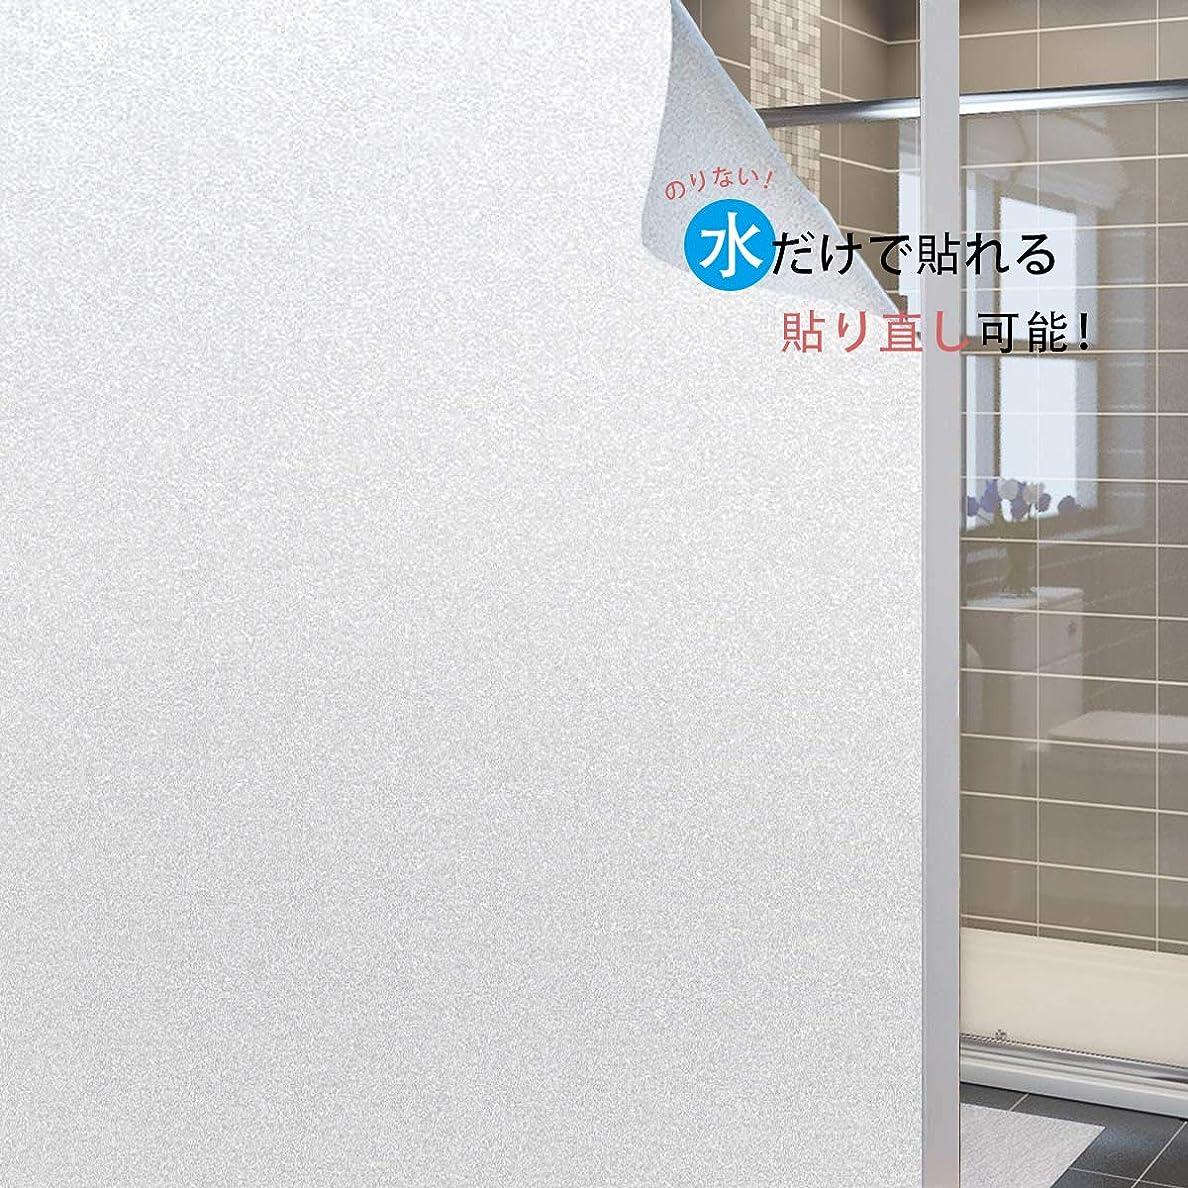 普遍的な新着ブレイズOIYEEFO 窓 めかくしシート 窓用ガラスフィルム すりガラスシート すりガラス調 水で貼ってはがせる 飛散防止 目隠し UVカット 遮光シート 貼り直し可 断熱 遮光 オフィスのぞき防止 無接着剤静電ペーストプライバシーガラスフィルム 引き戸/窓ガラスのリメイク ガラスフィルム 目隠しシート (0.6M X 4M)